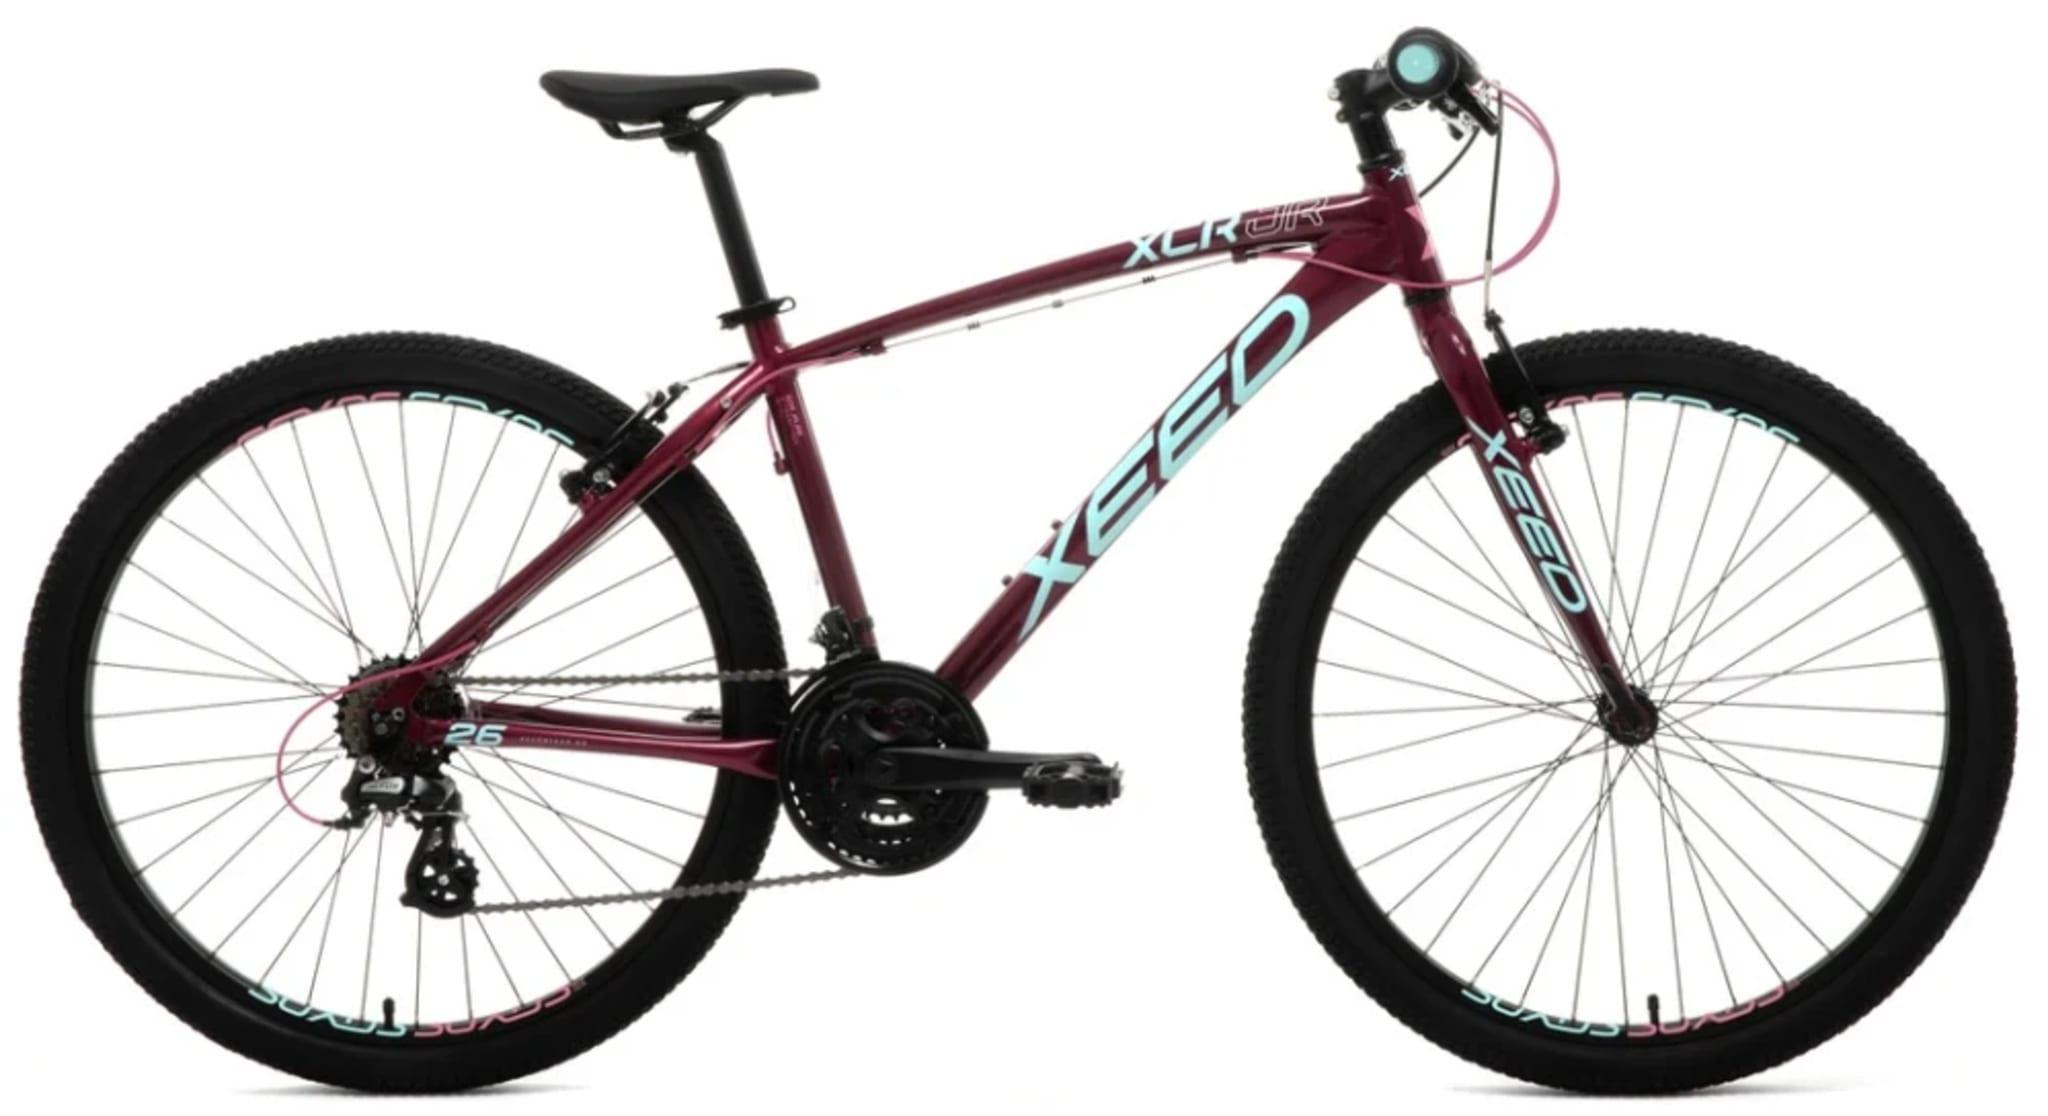 For å spire sykkelgleden hos de unge, har Xeed gjort alt de kan for å finne den perfekte balansen mellom lettvektighet og slitestyrke, og har endt opp med XC R Jr-serien.